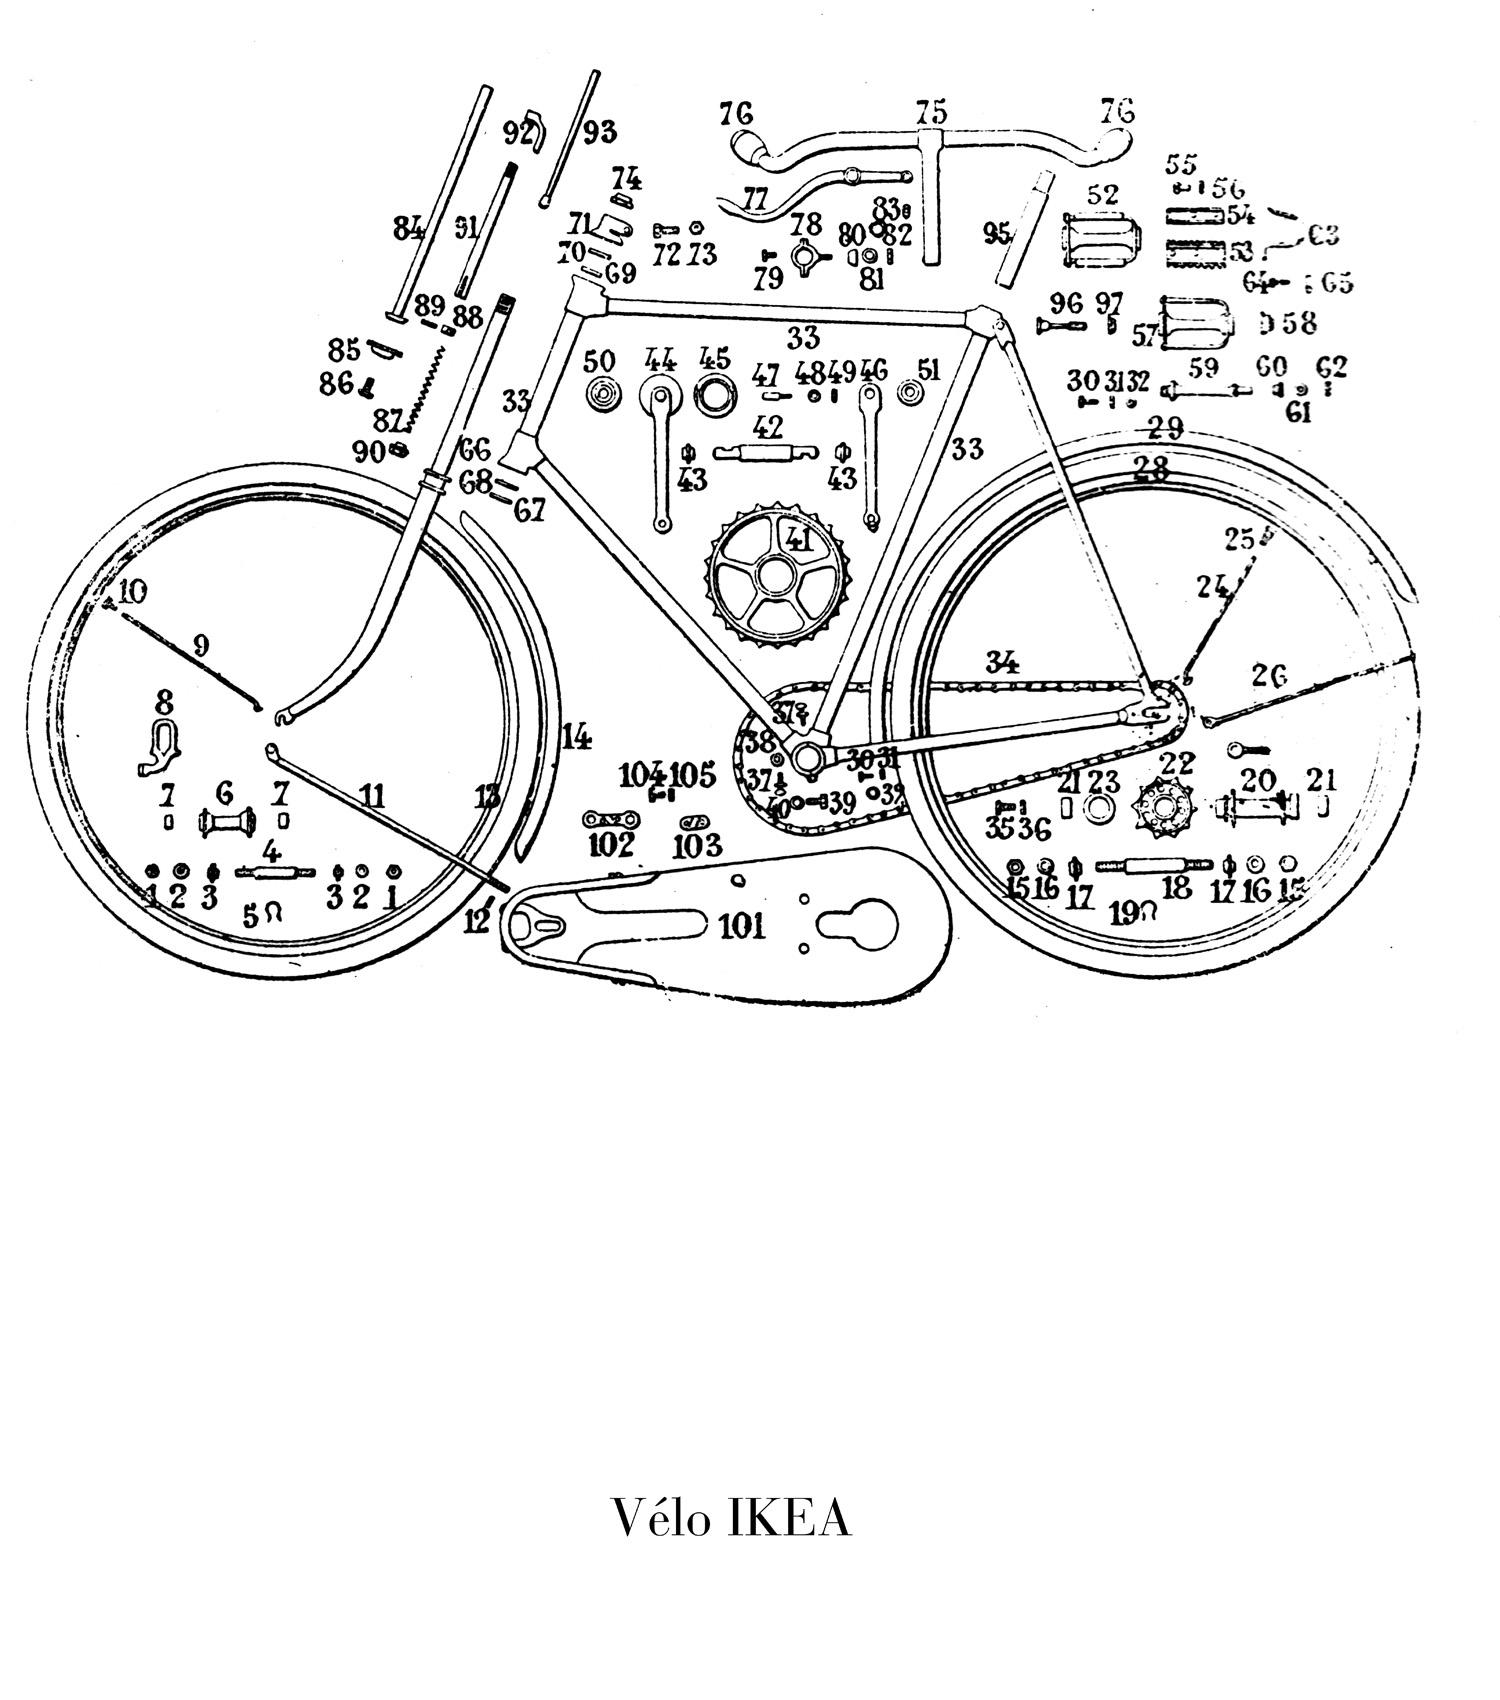 fr ikea fiets.jpg